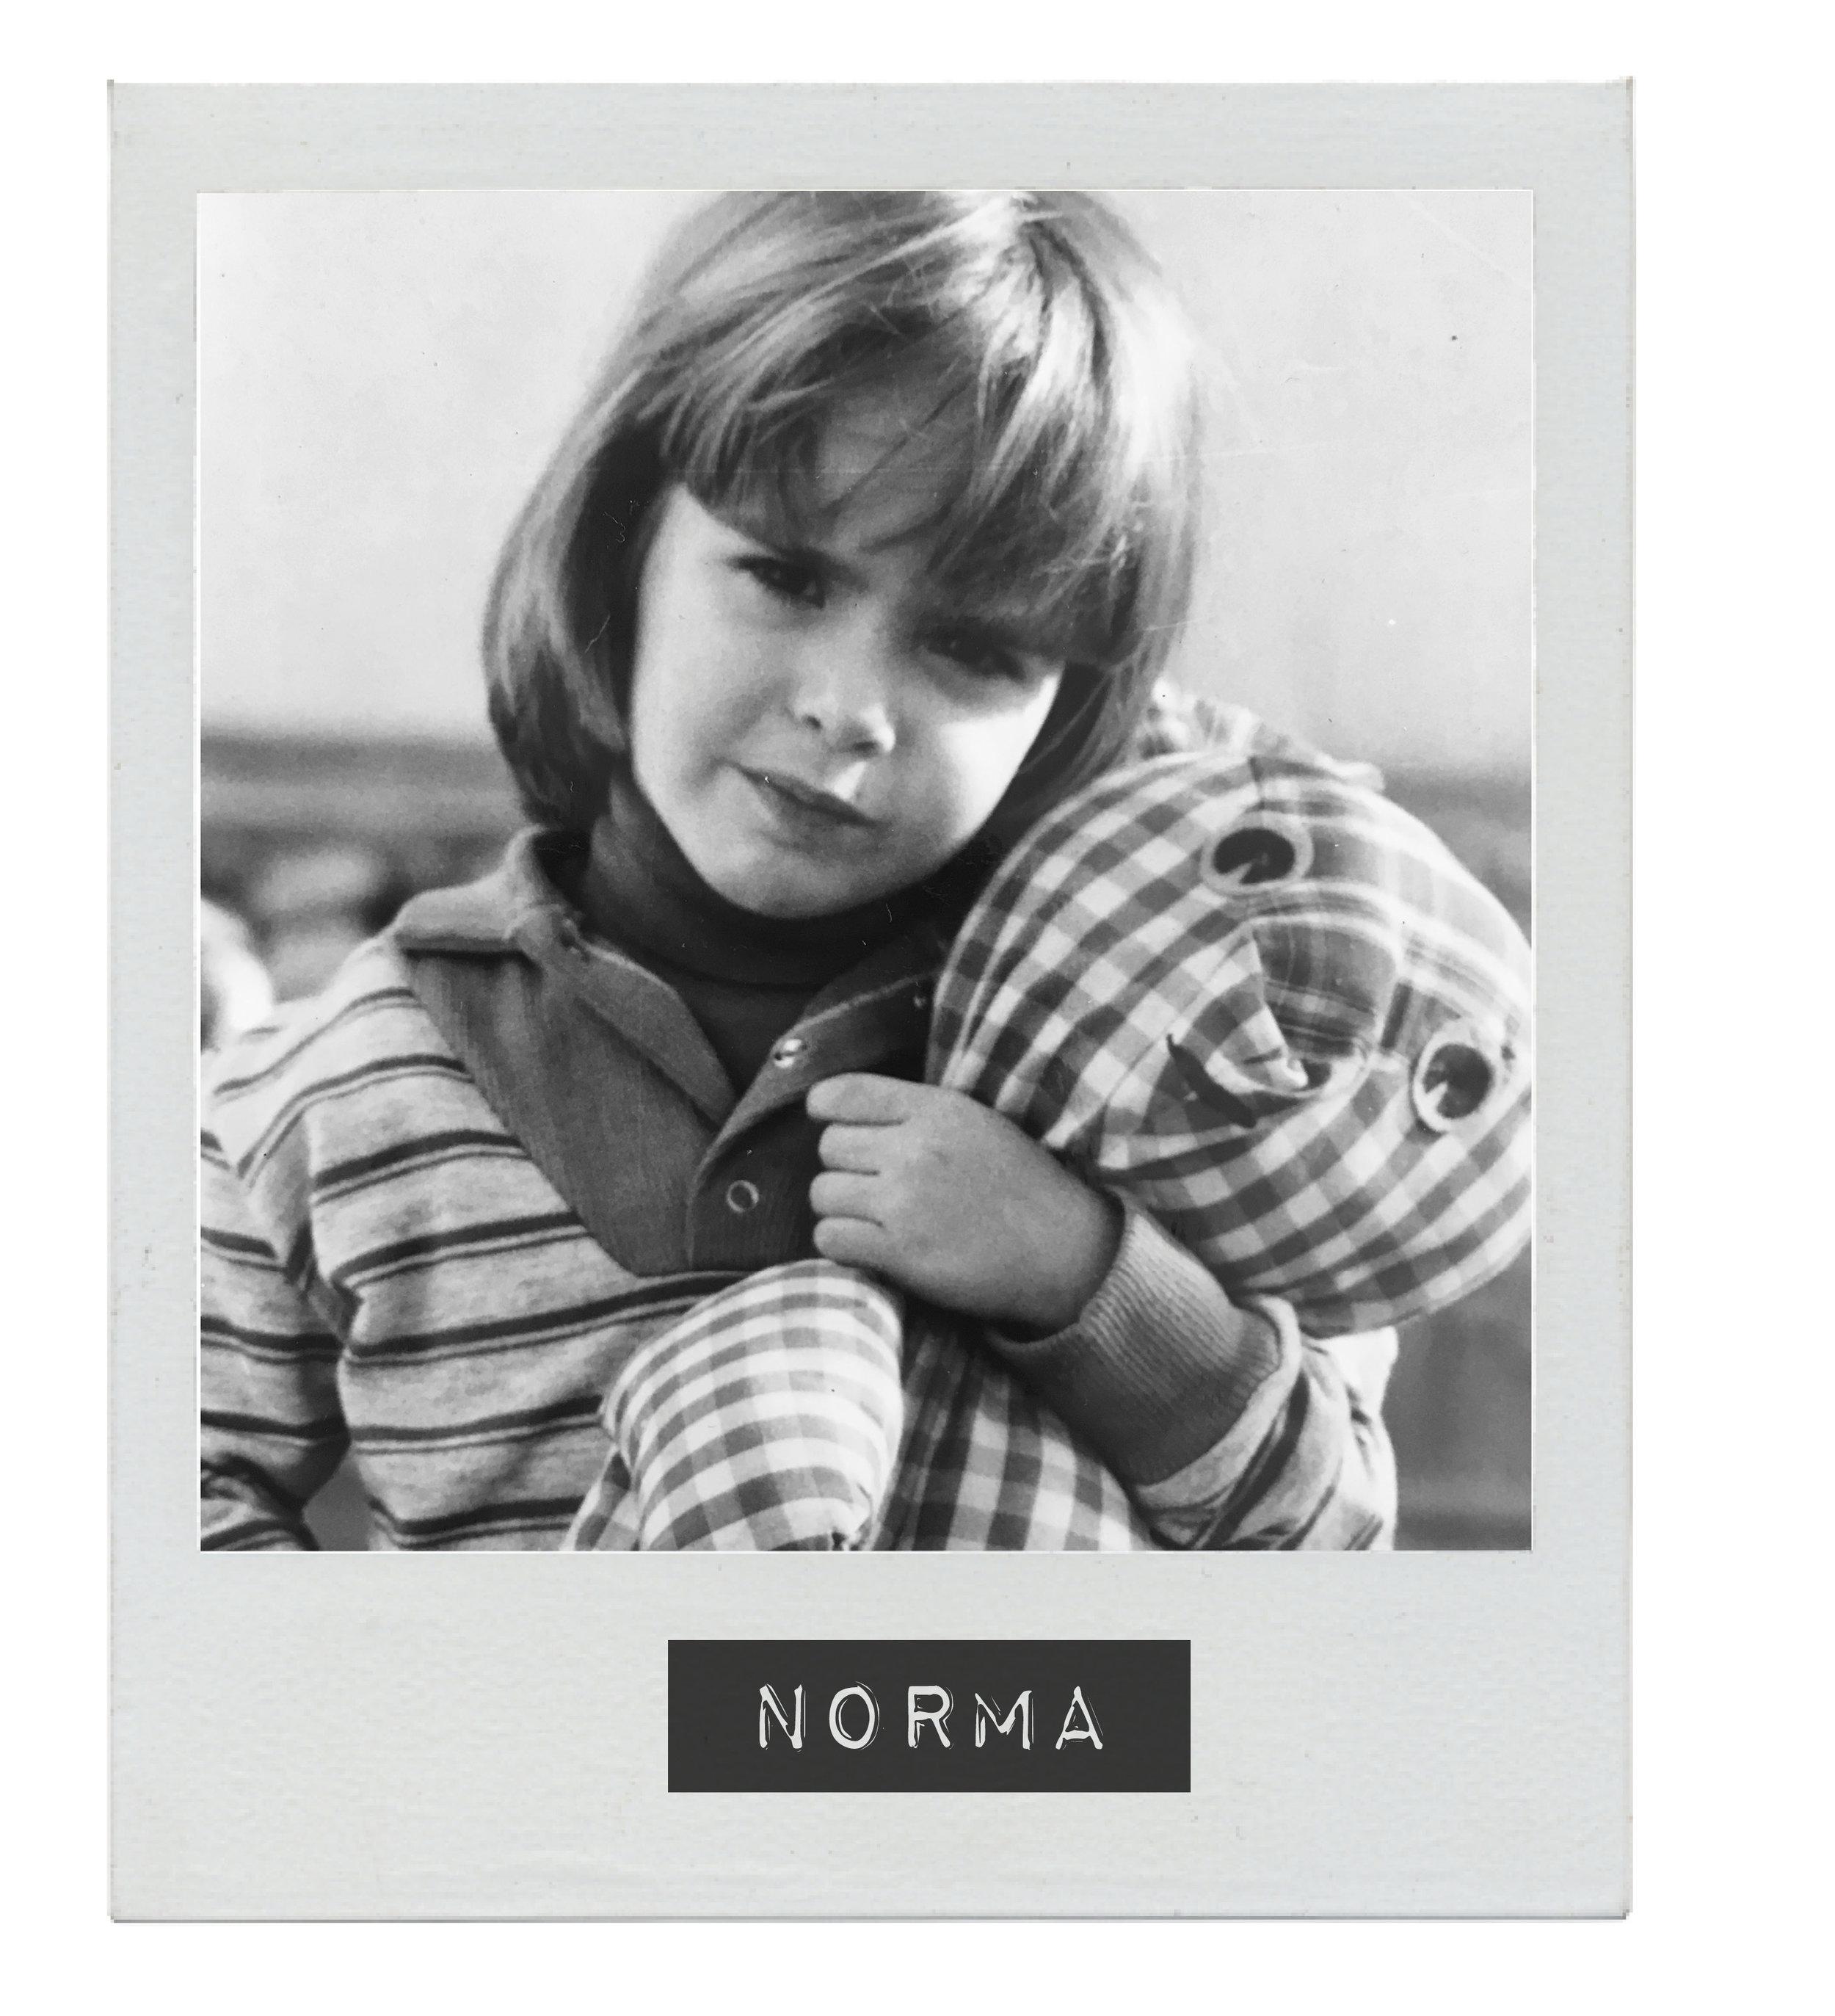 00_norma.jpg